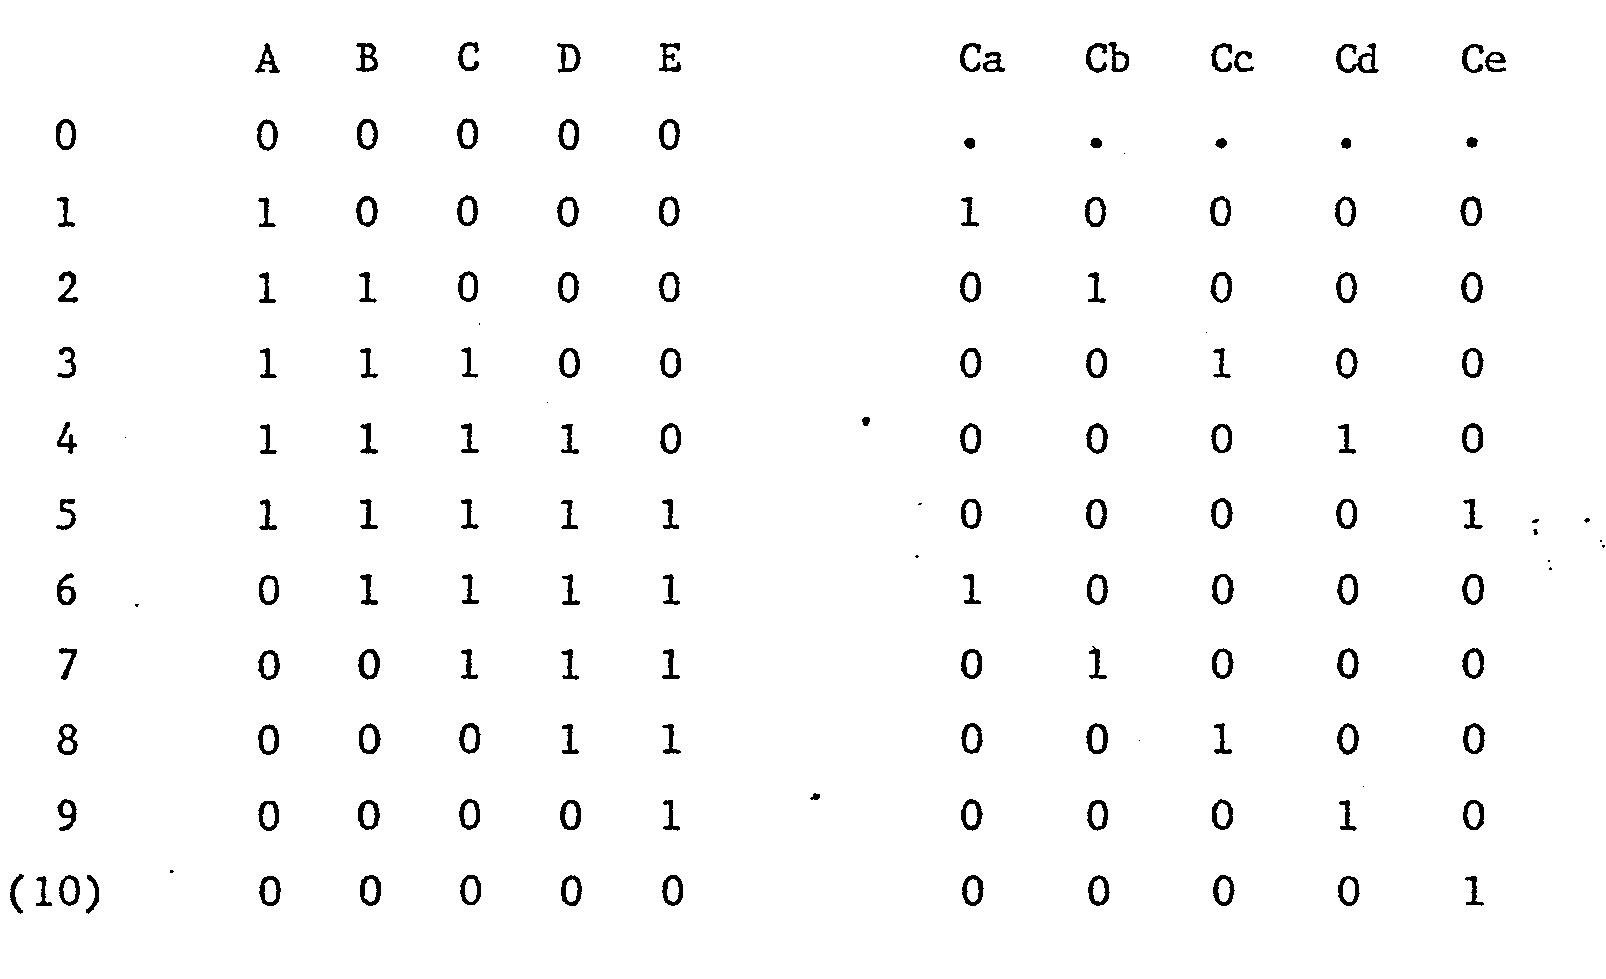 Compteur synchrone bascule jk - Bascule jk table de verite ...